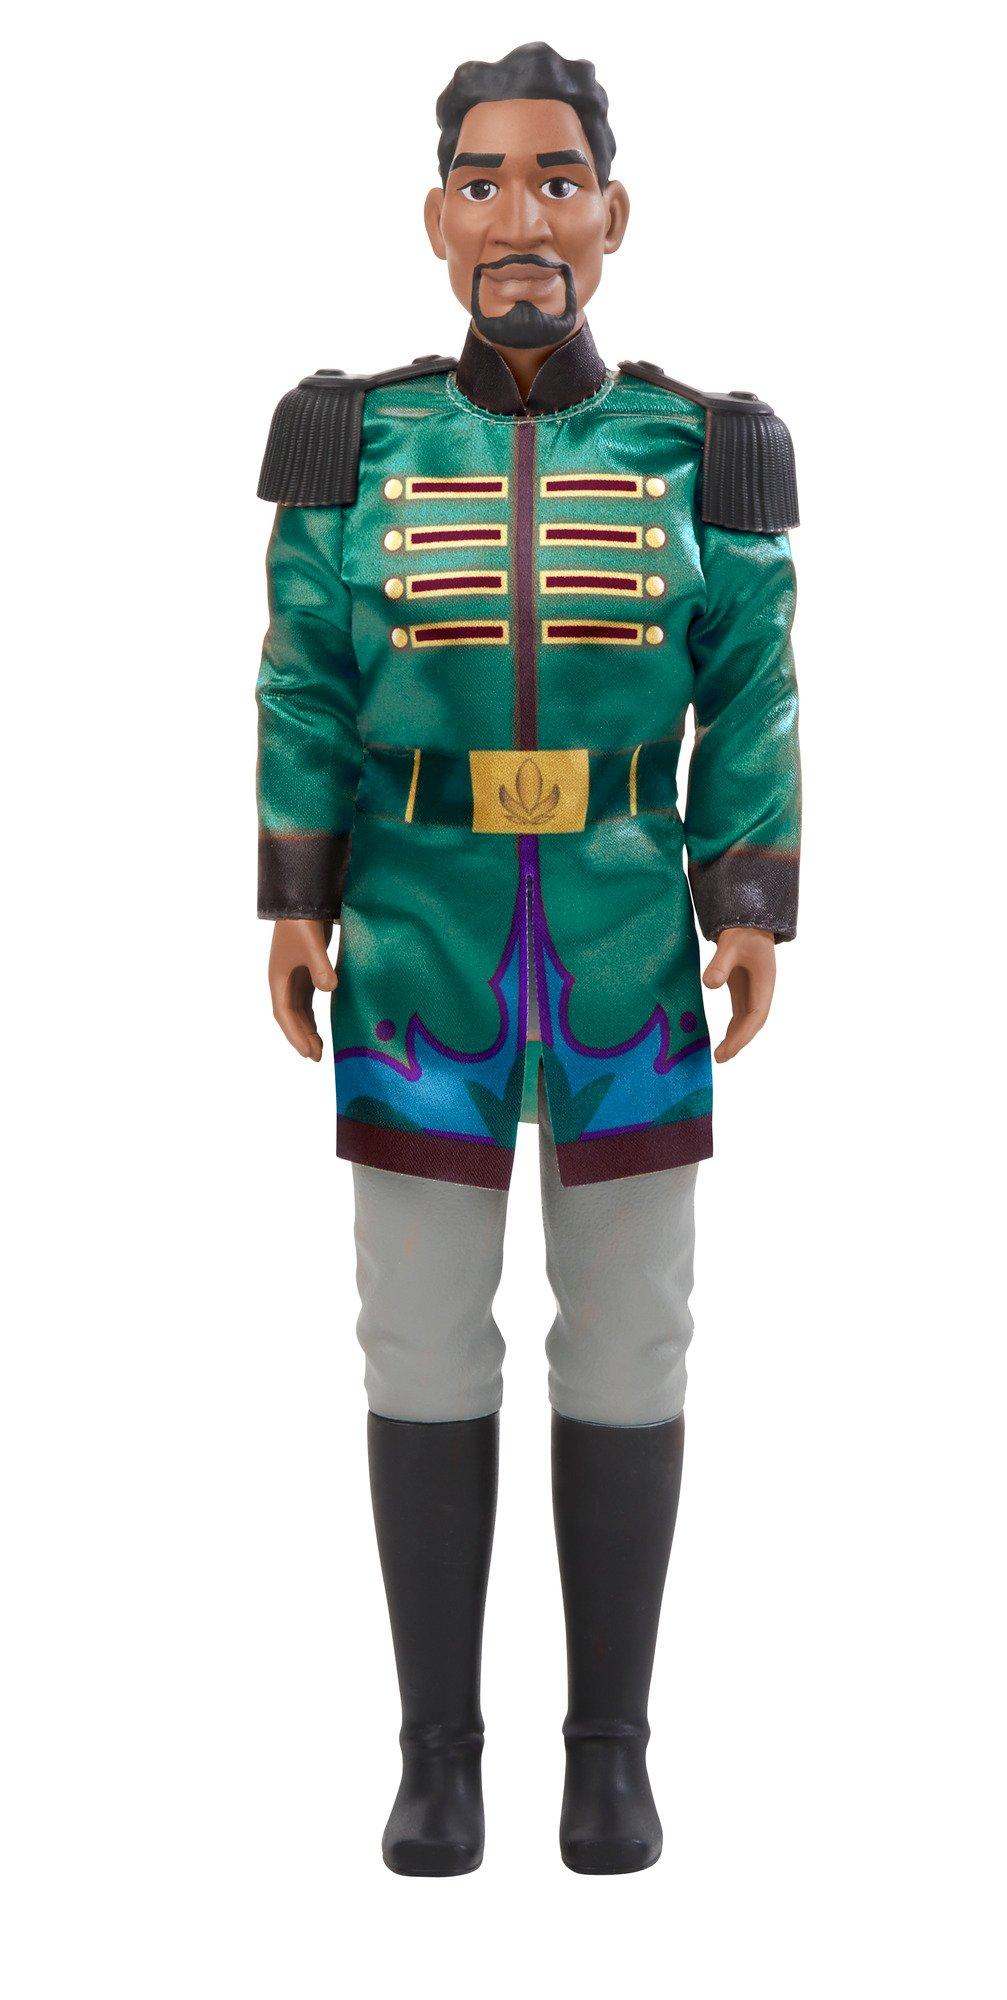 Frozen 2 - Opp Character - Mattias (E8668ES00)